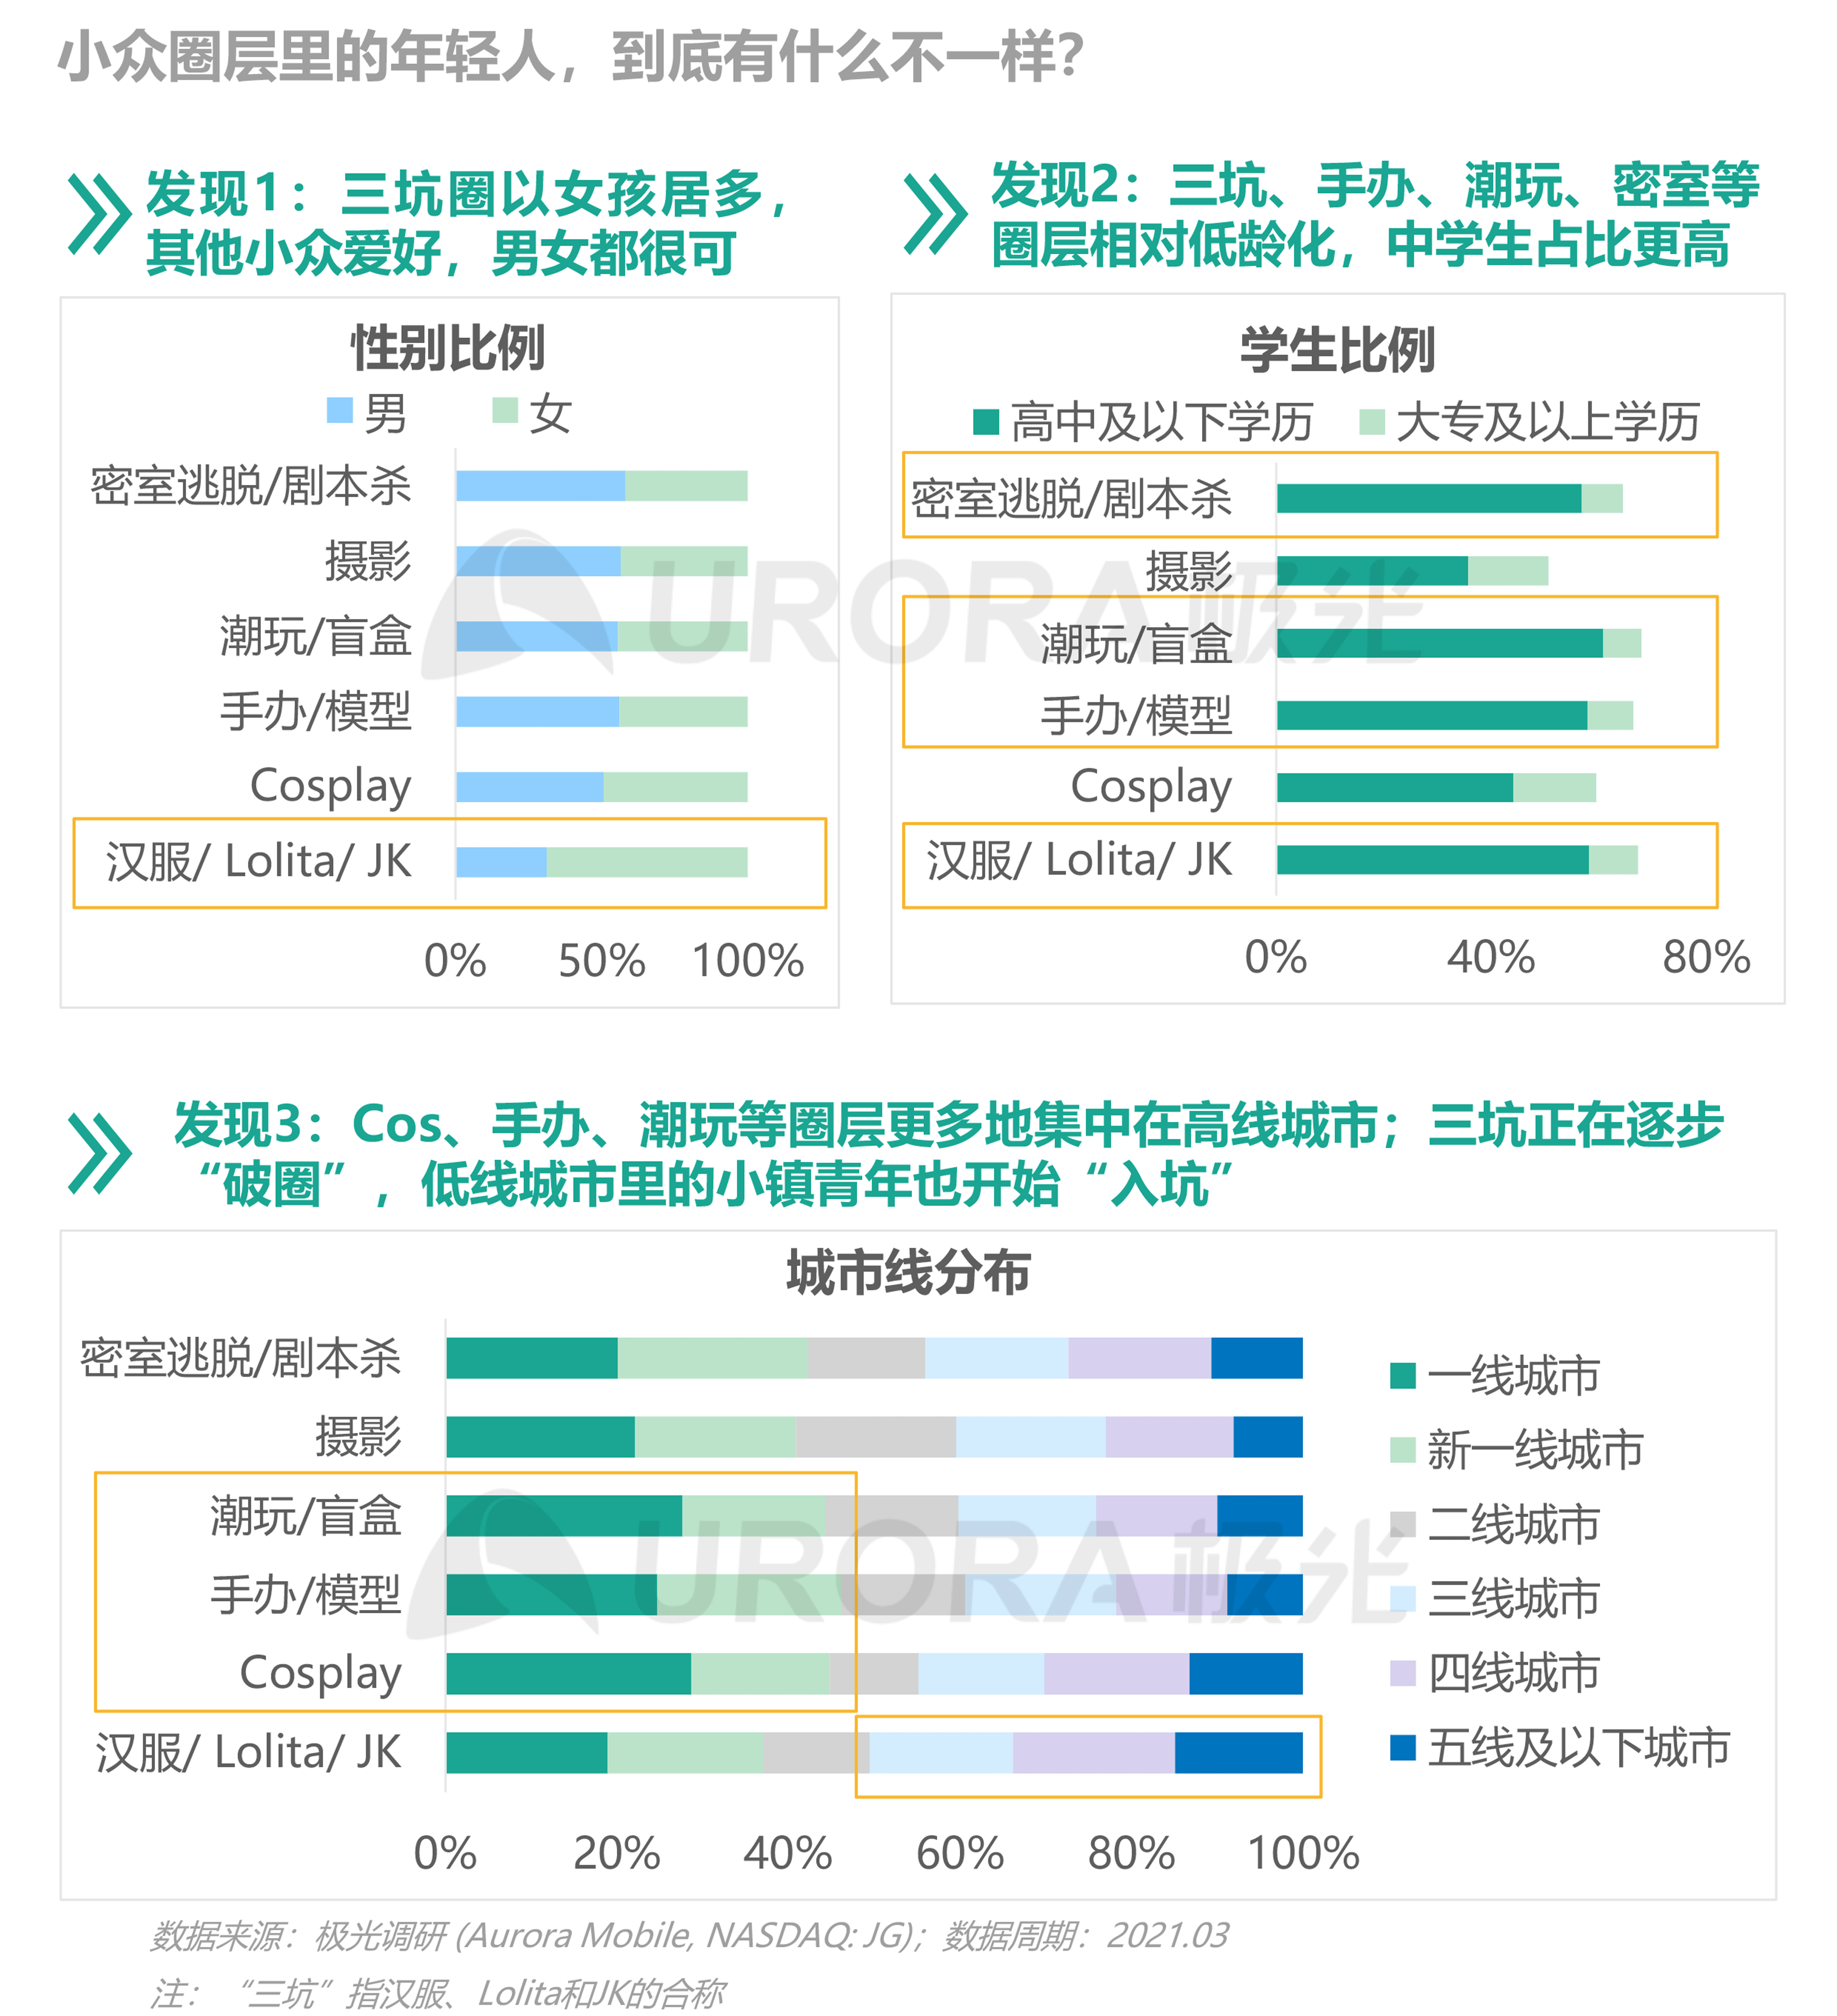 2021年轻人营销趋势研究报告【定稿】-17.png